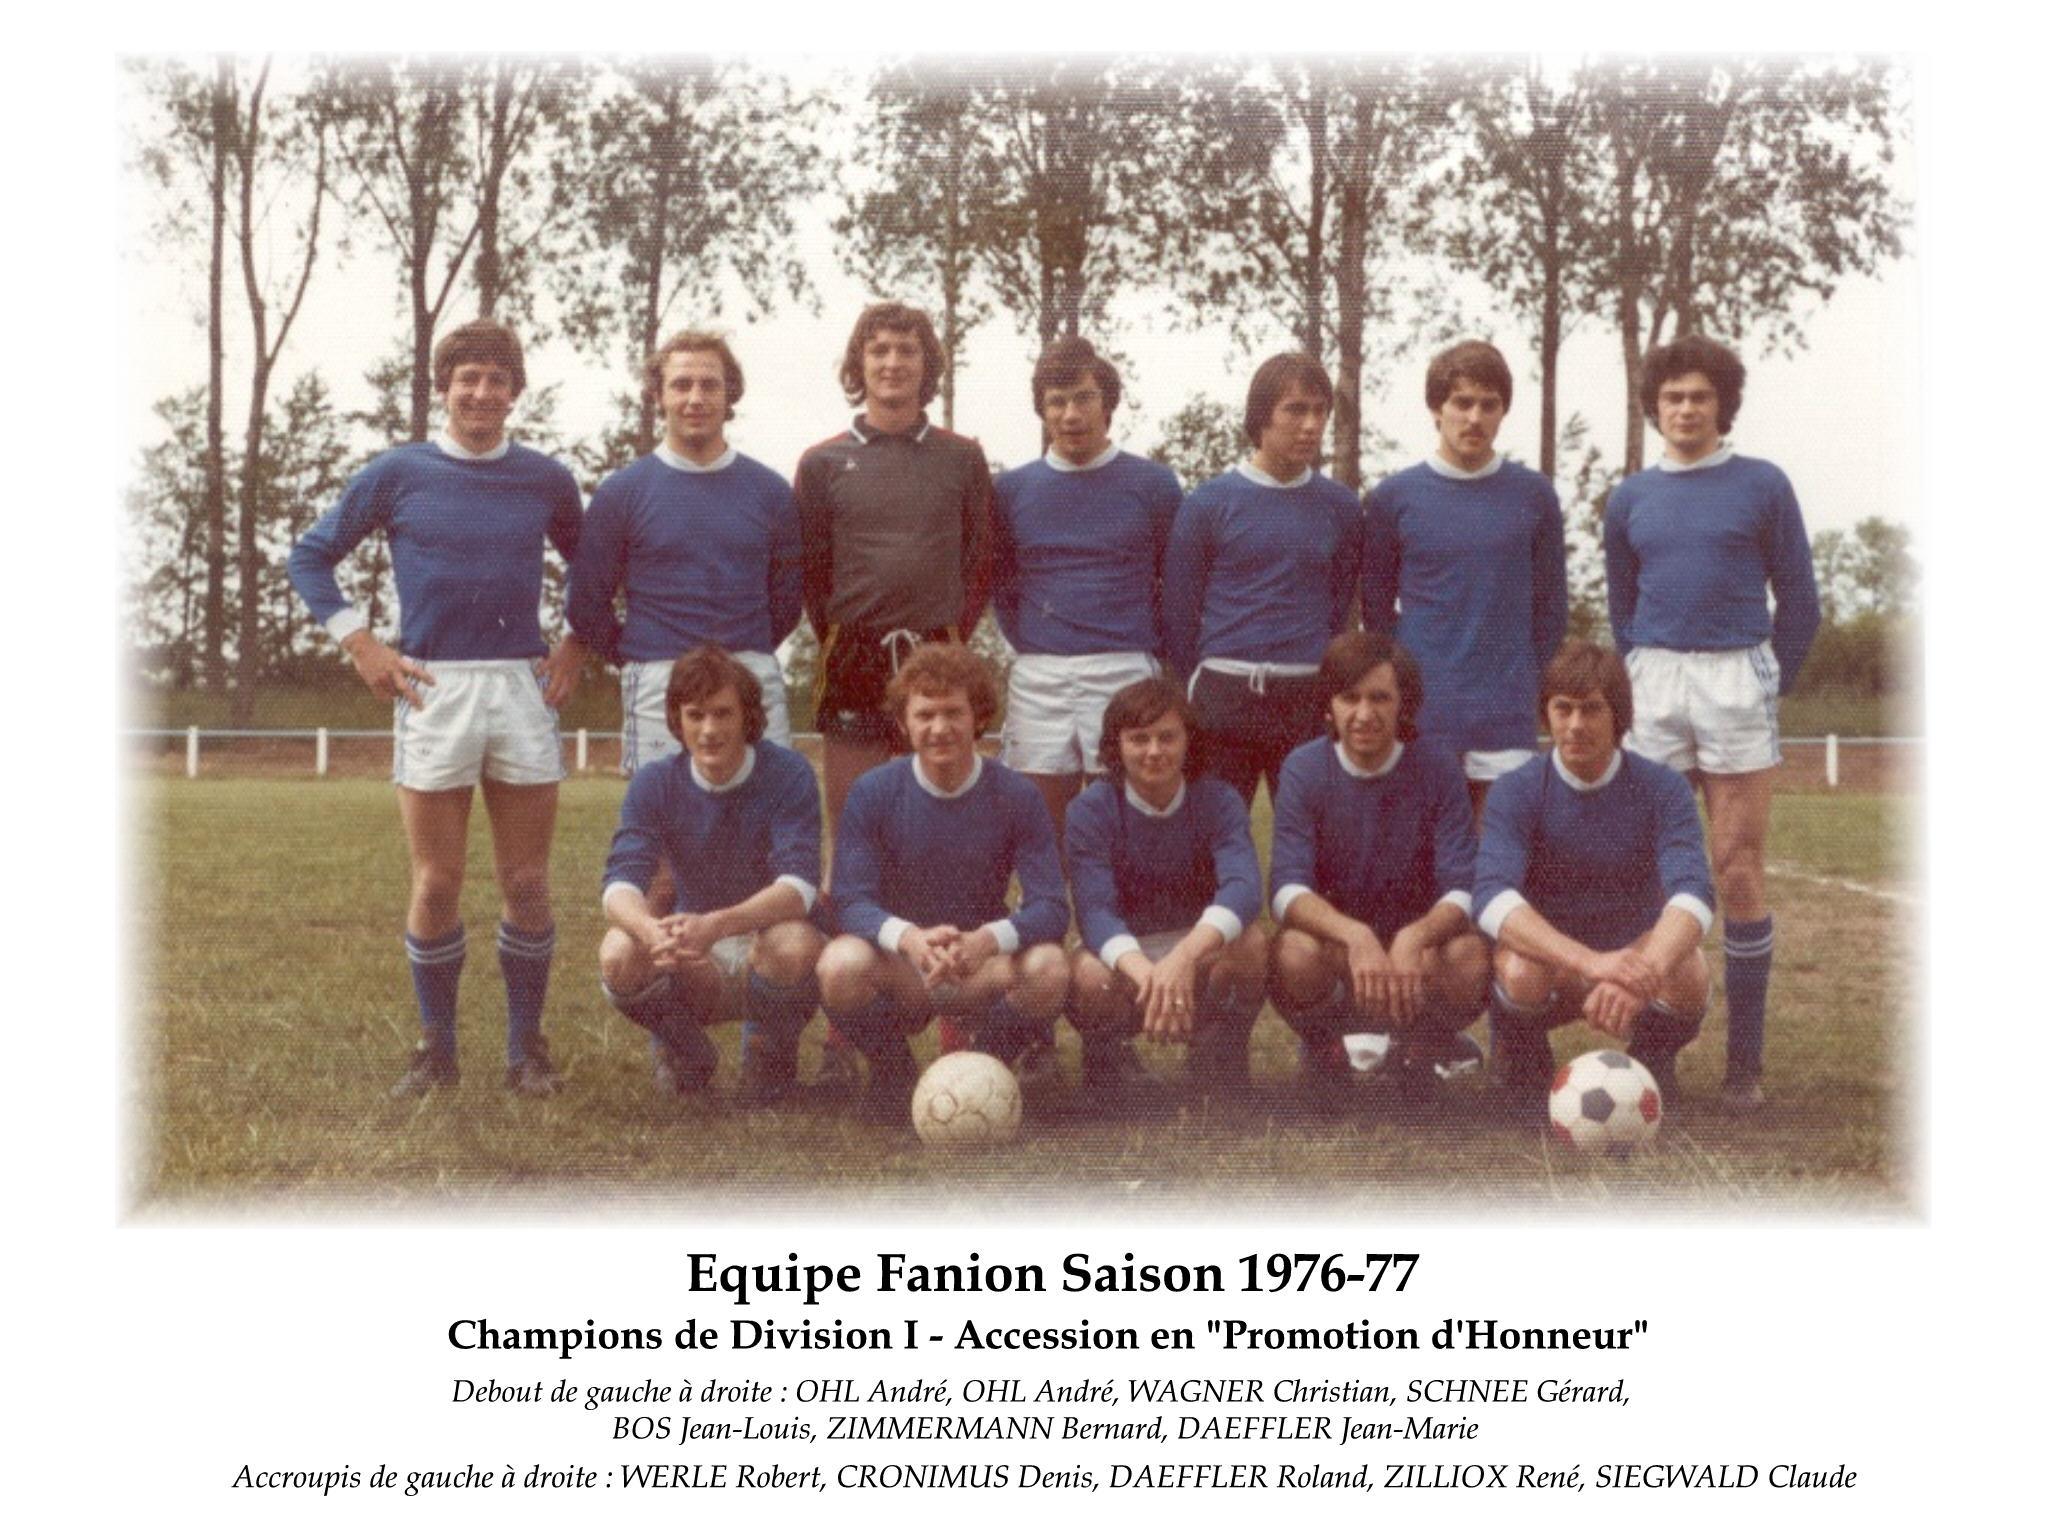 Annees 1976-77